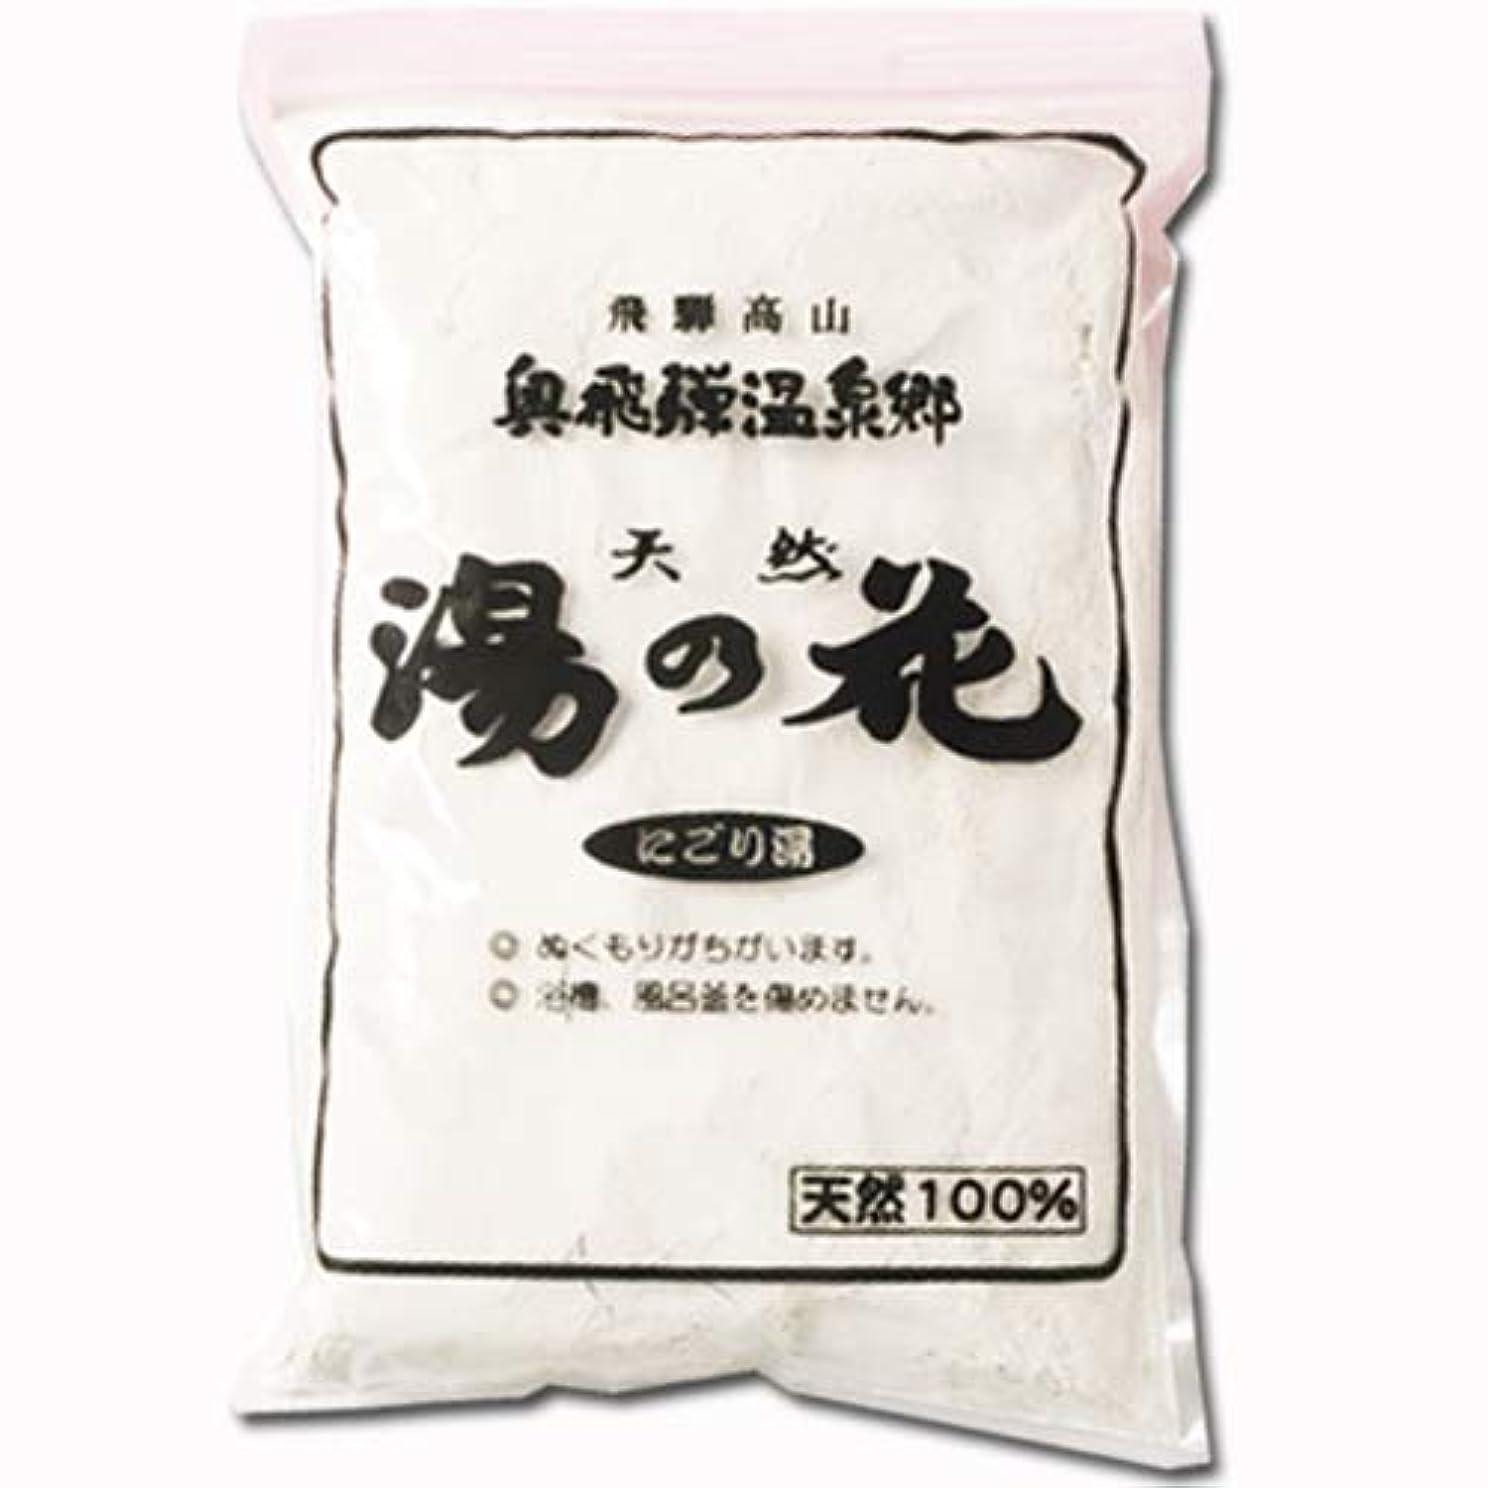 パンチ構造的専ら天然湯の花 (業務用) 1kg (飛騨高山温泉郷 にごり湯)